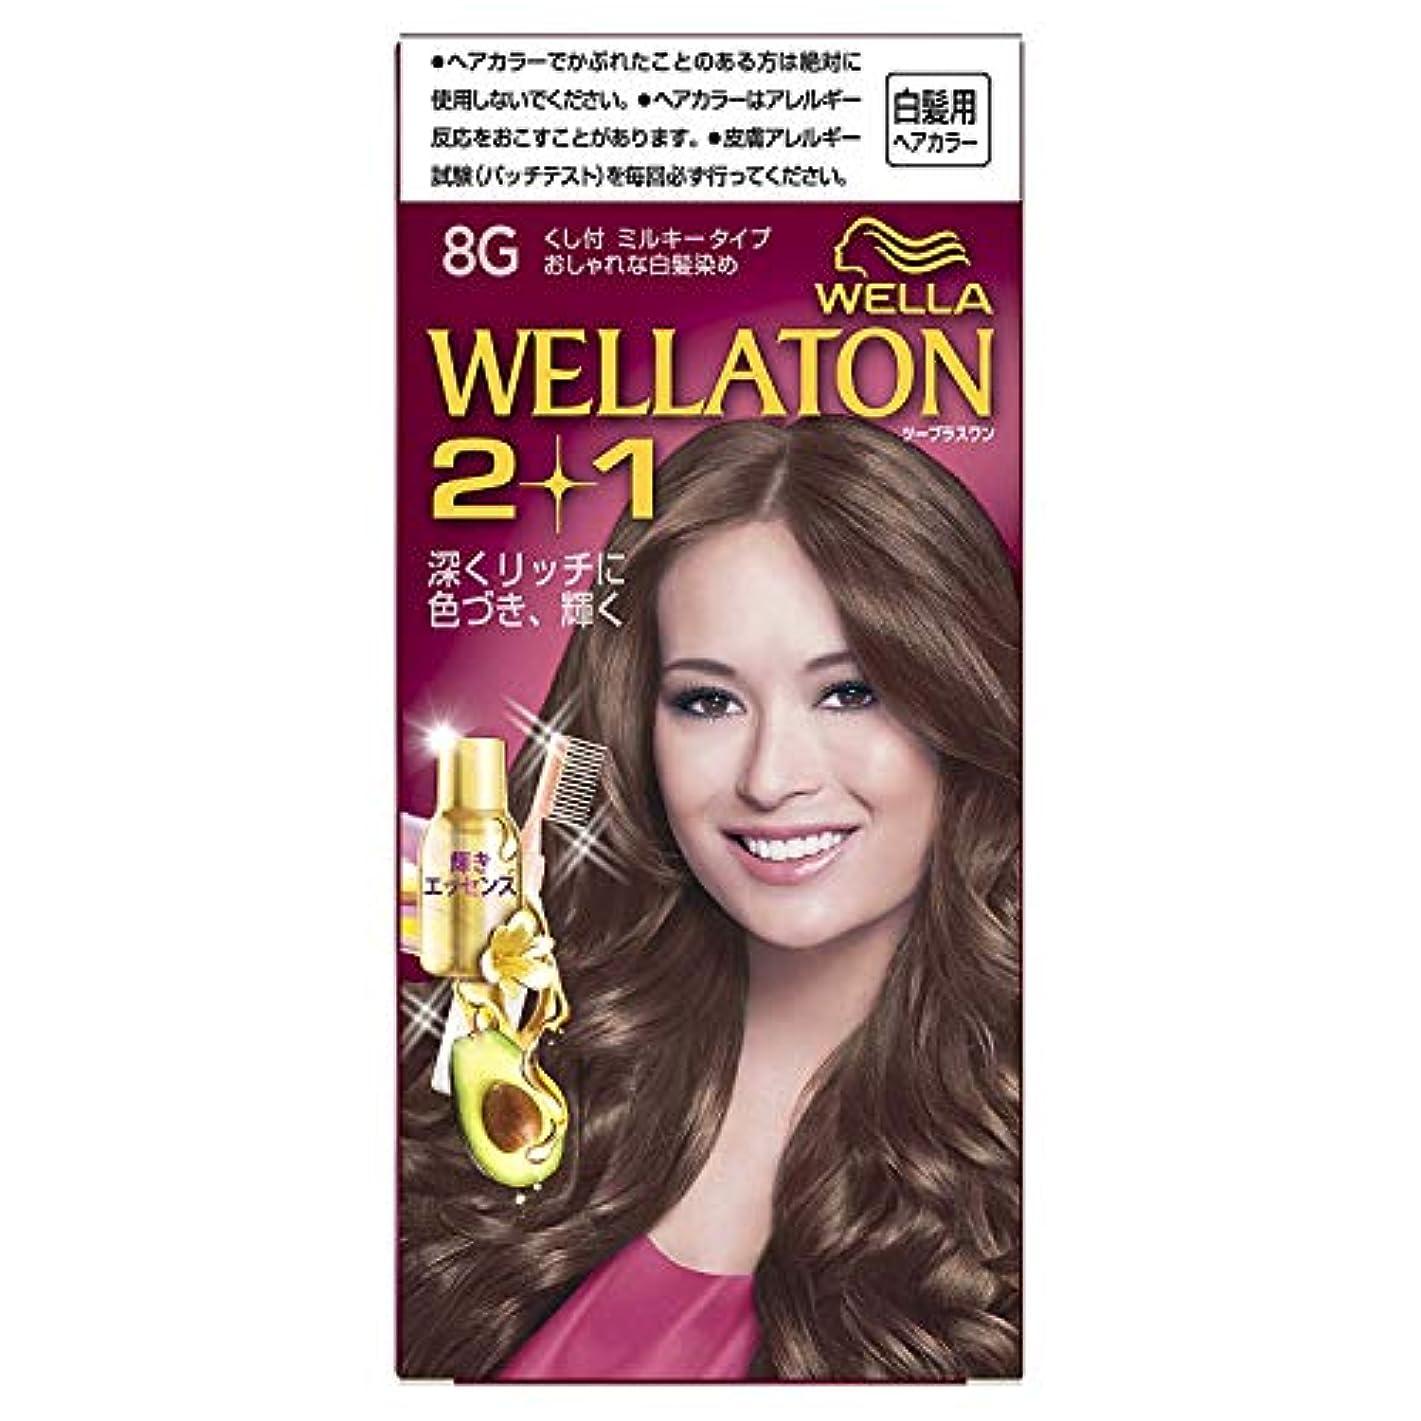 掃除かすかな約ウエラトーン2+1 白髪染め くし付ミルキータイプ 8G [医薬部外品] ×6個